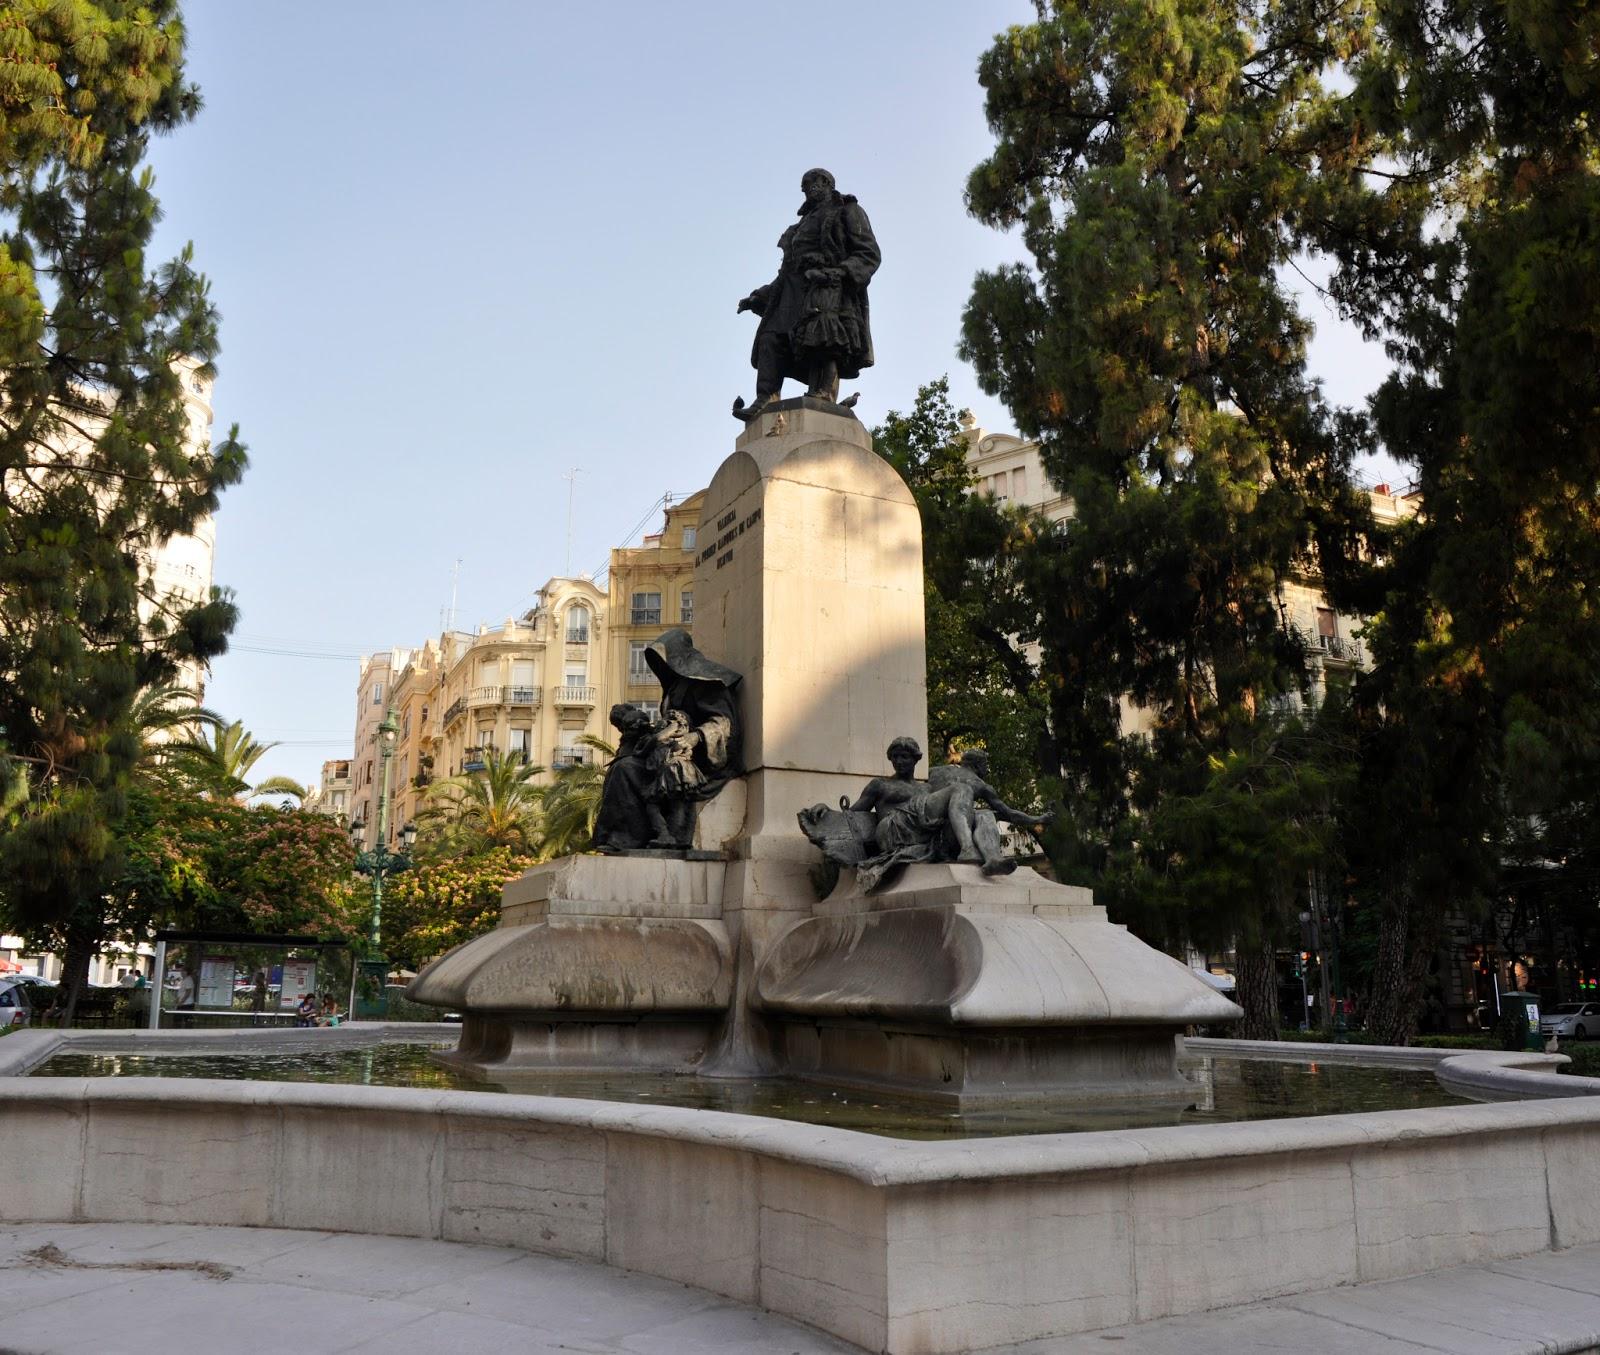 Fuente: valenciaarenaycal.blogspot.com